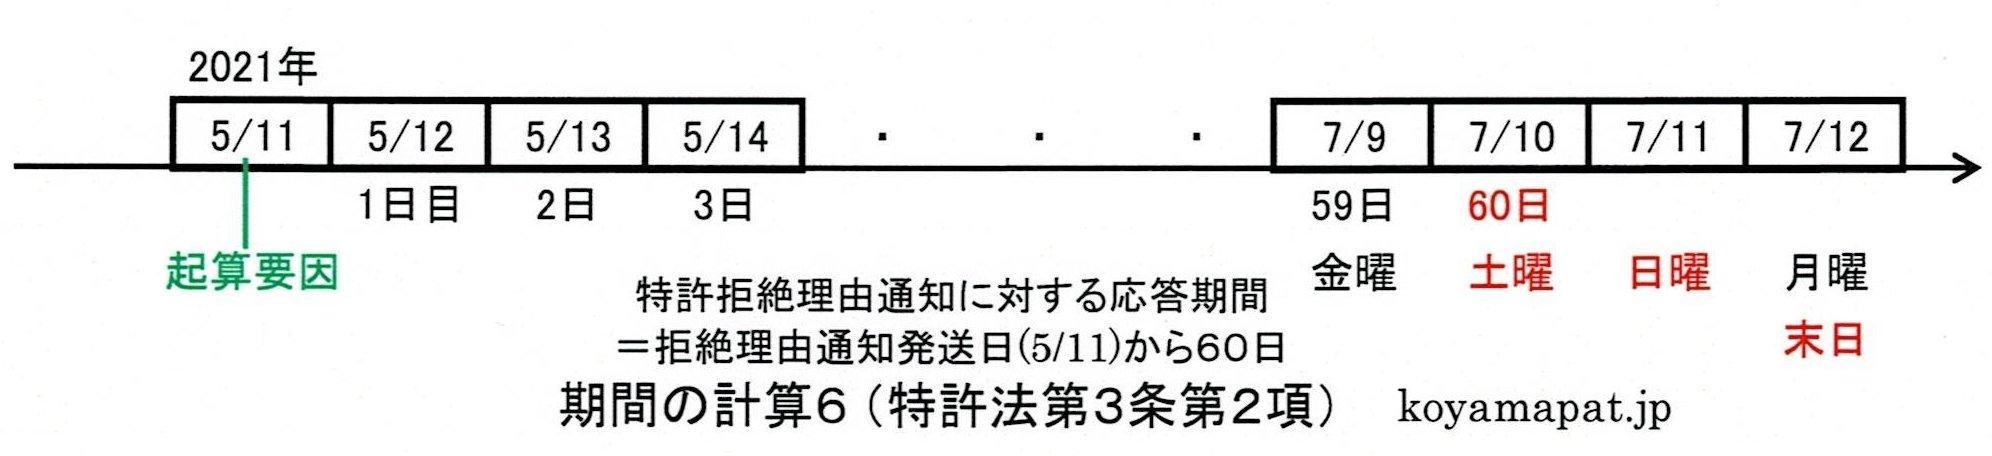 期間の計算6(特許法第3条第2項):手続についての期間の末日が土日祝日等に当たるときは、その日の翌日をもってその期間の末日とする